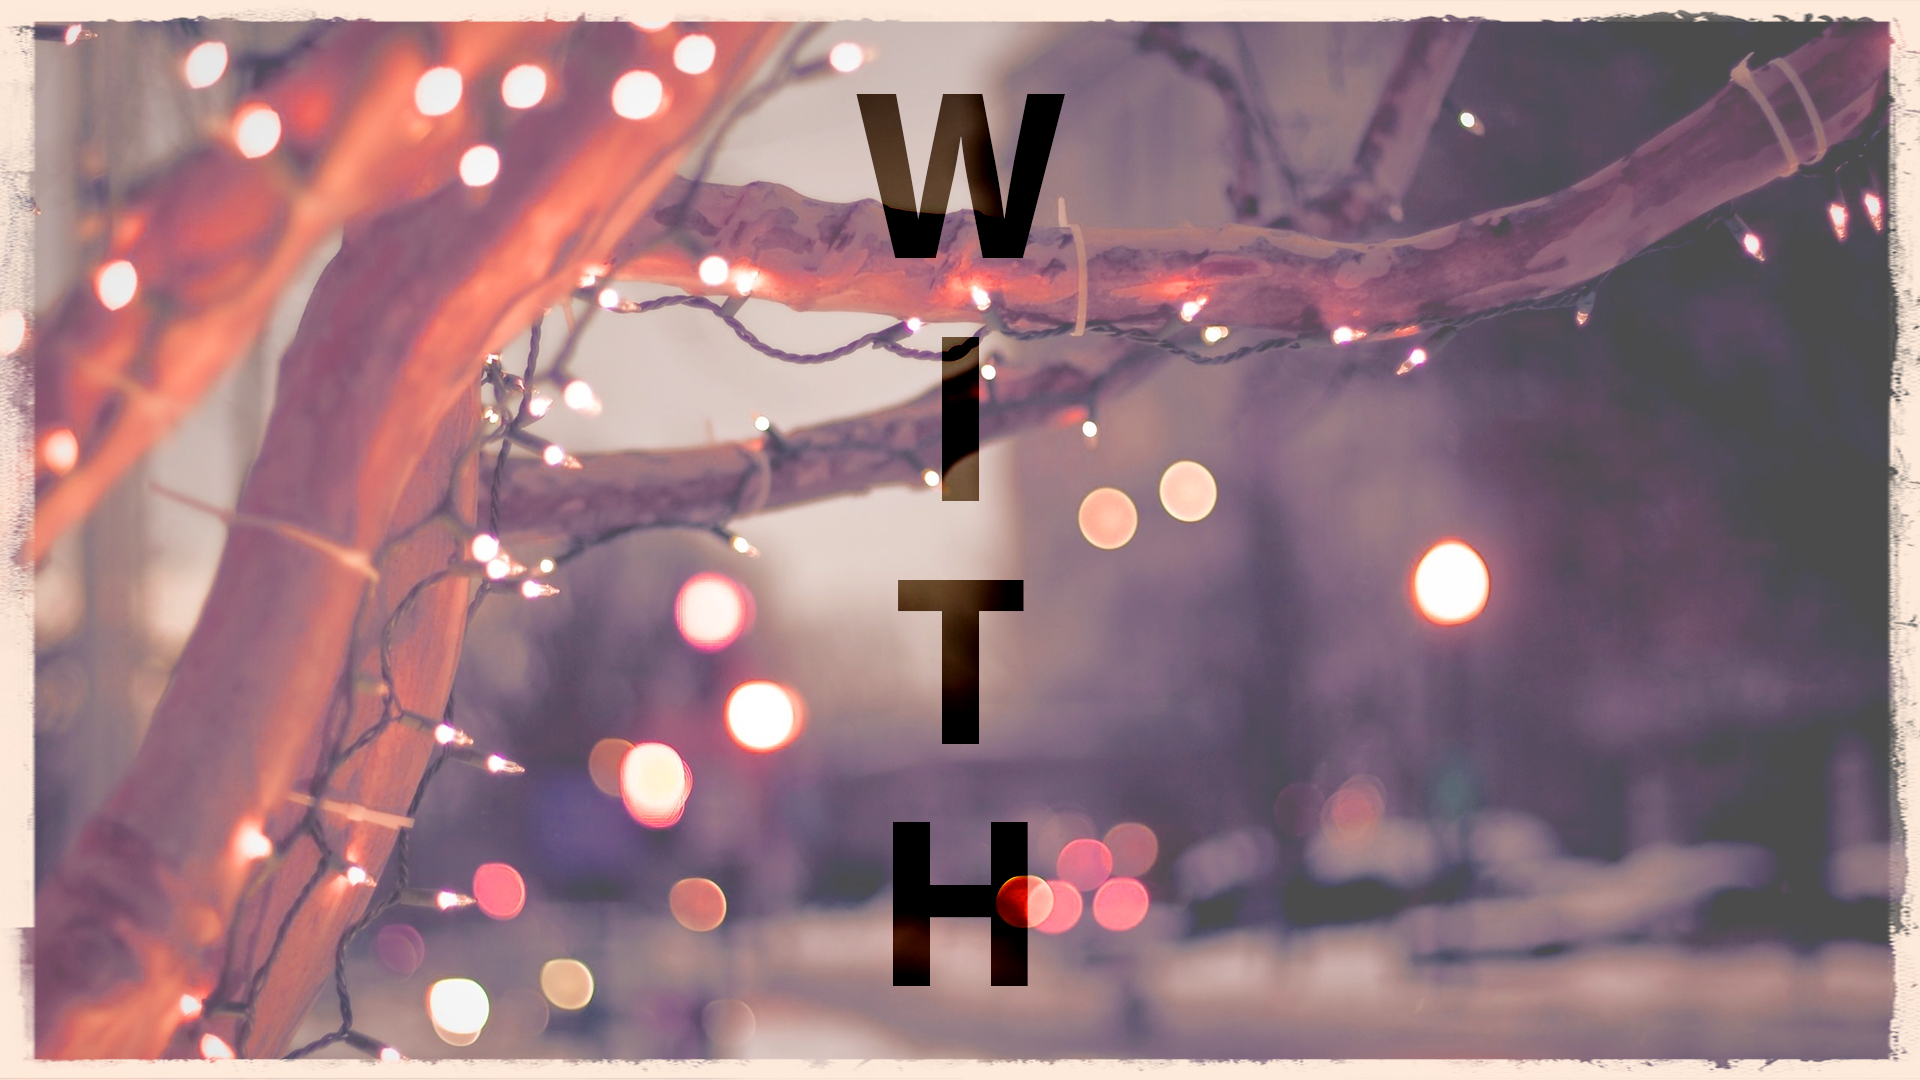 Christmas 2015 - WITH